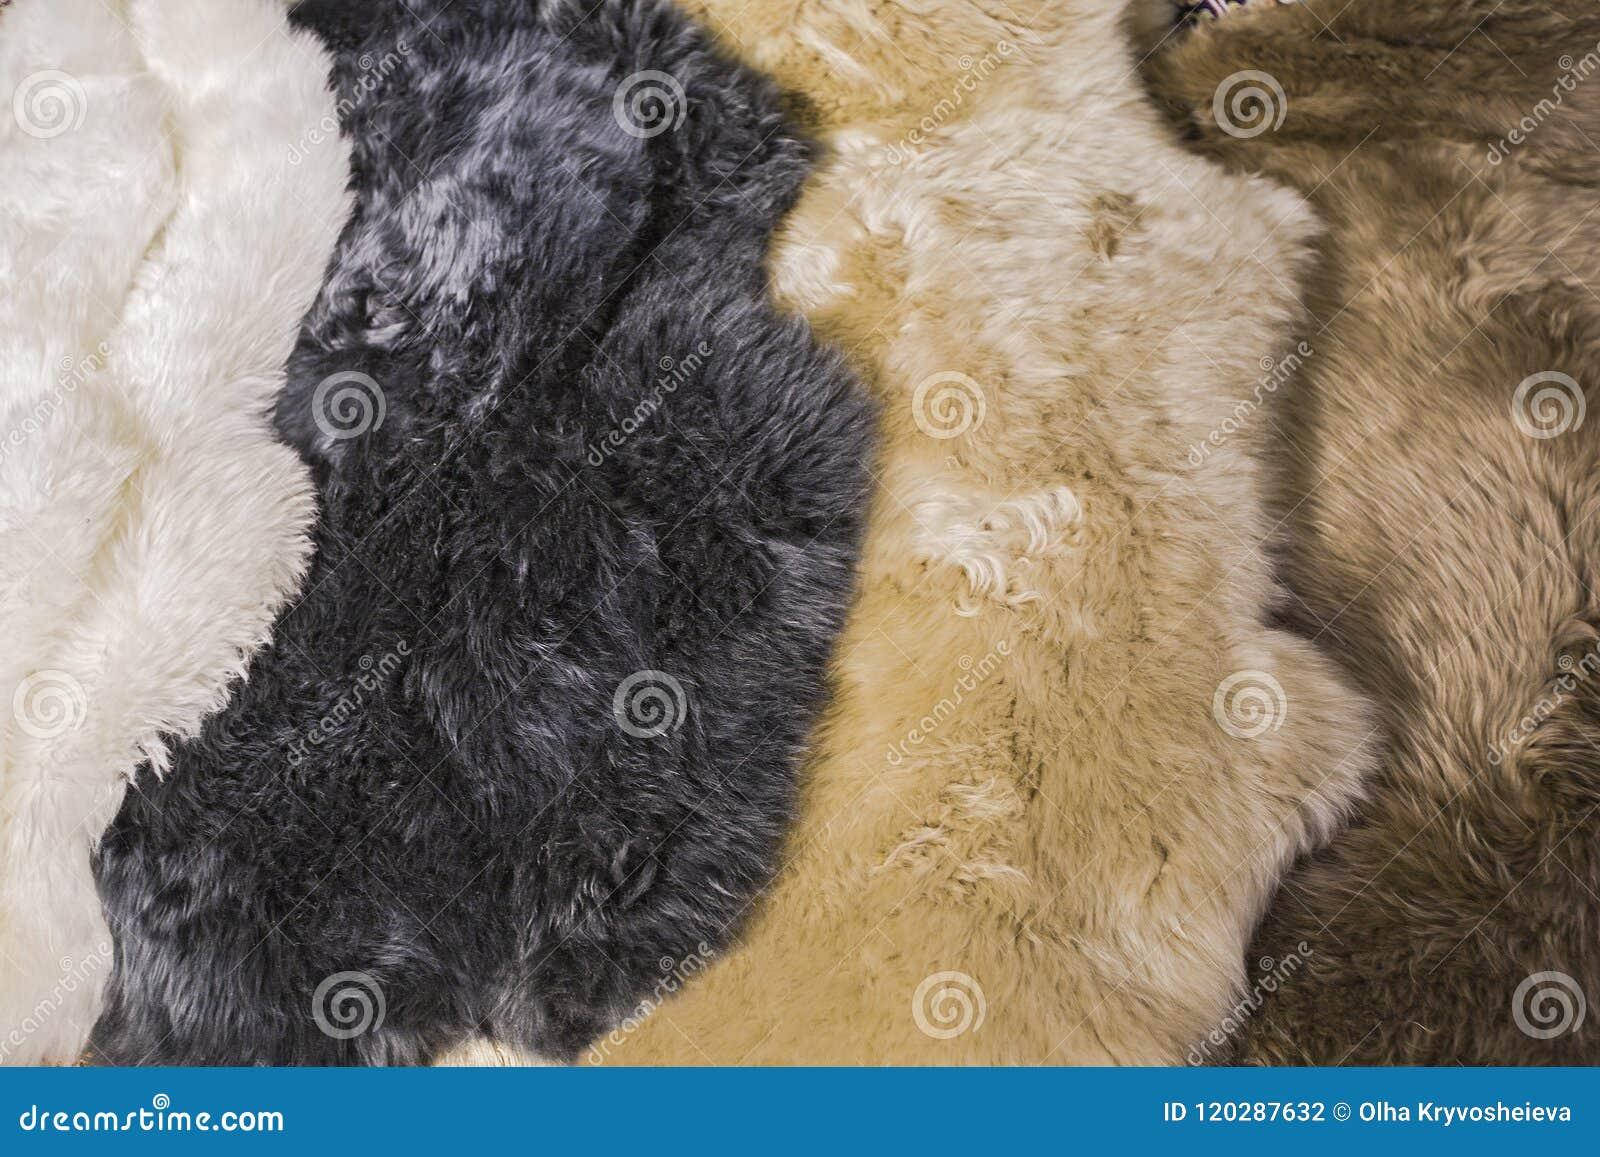 Δέρματα γουνών για sheepskin τα δέρματα για το εσωτερικό σχέδιο, άσπρες, μαύρες, μπεζ, καφετιές συστάσεις δερμάτων